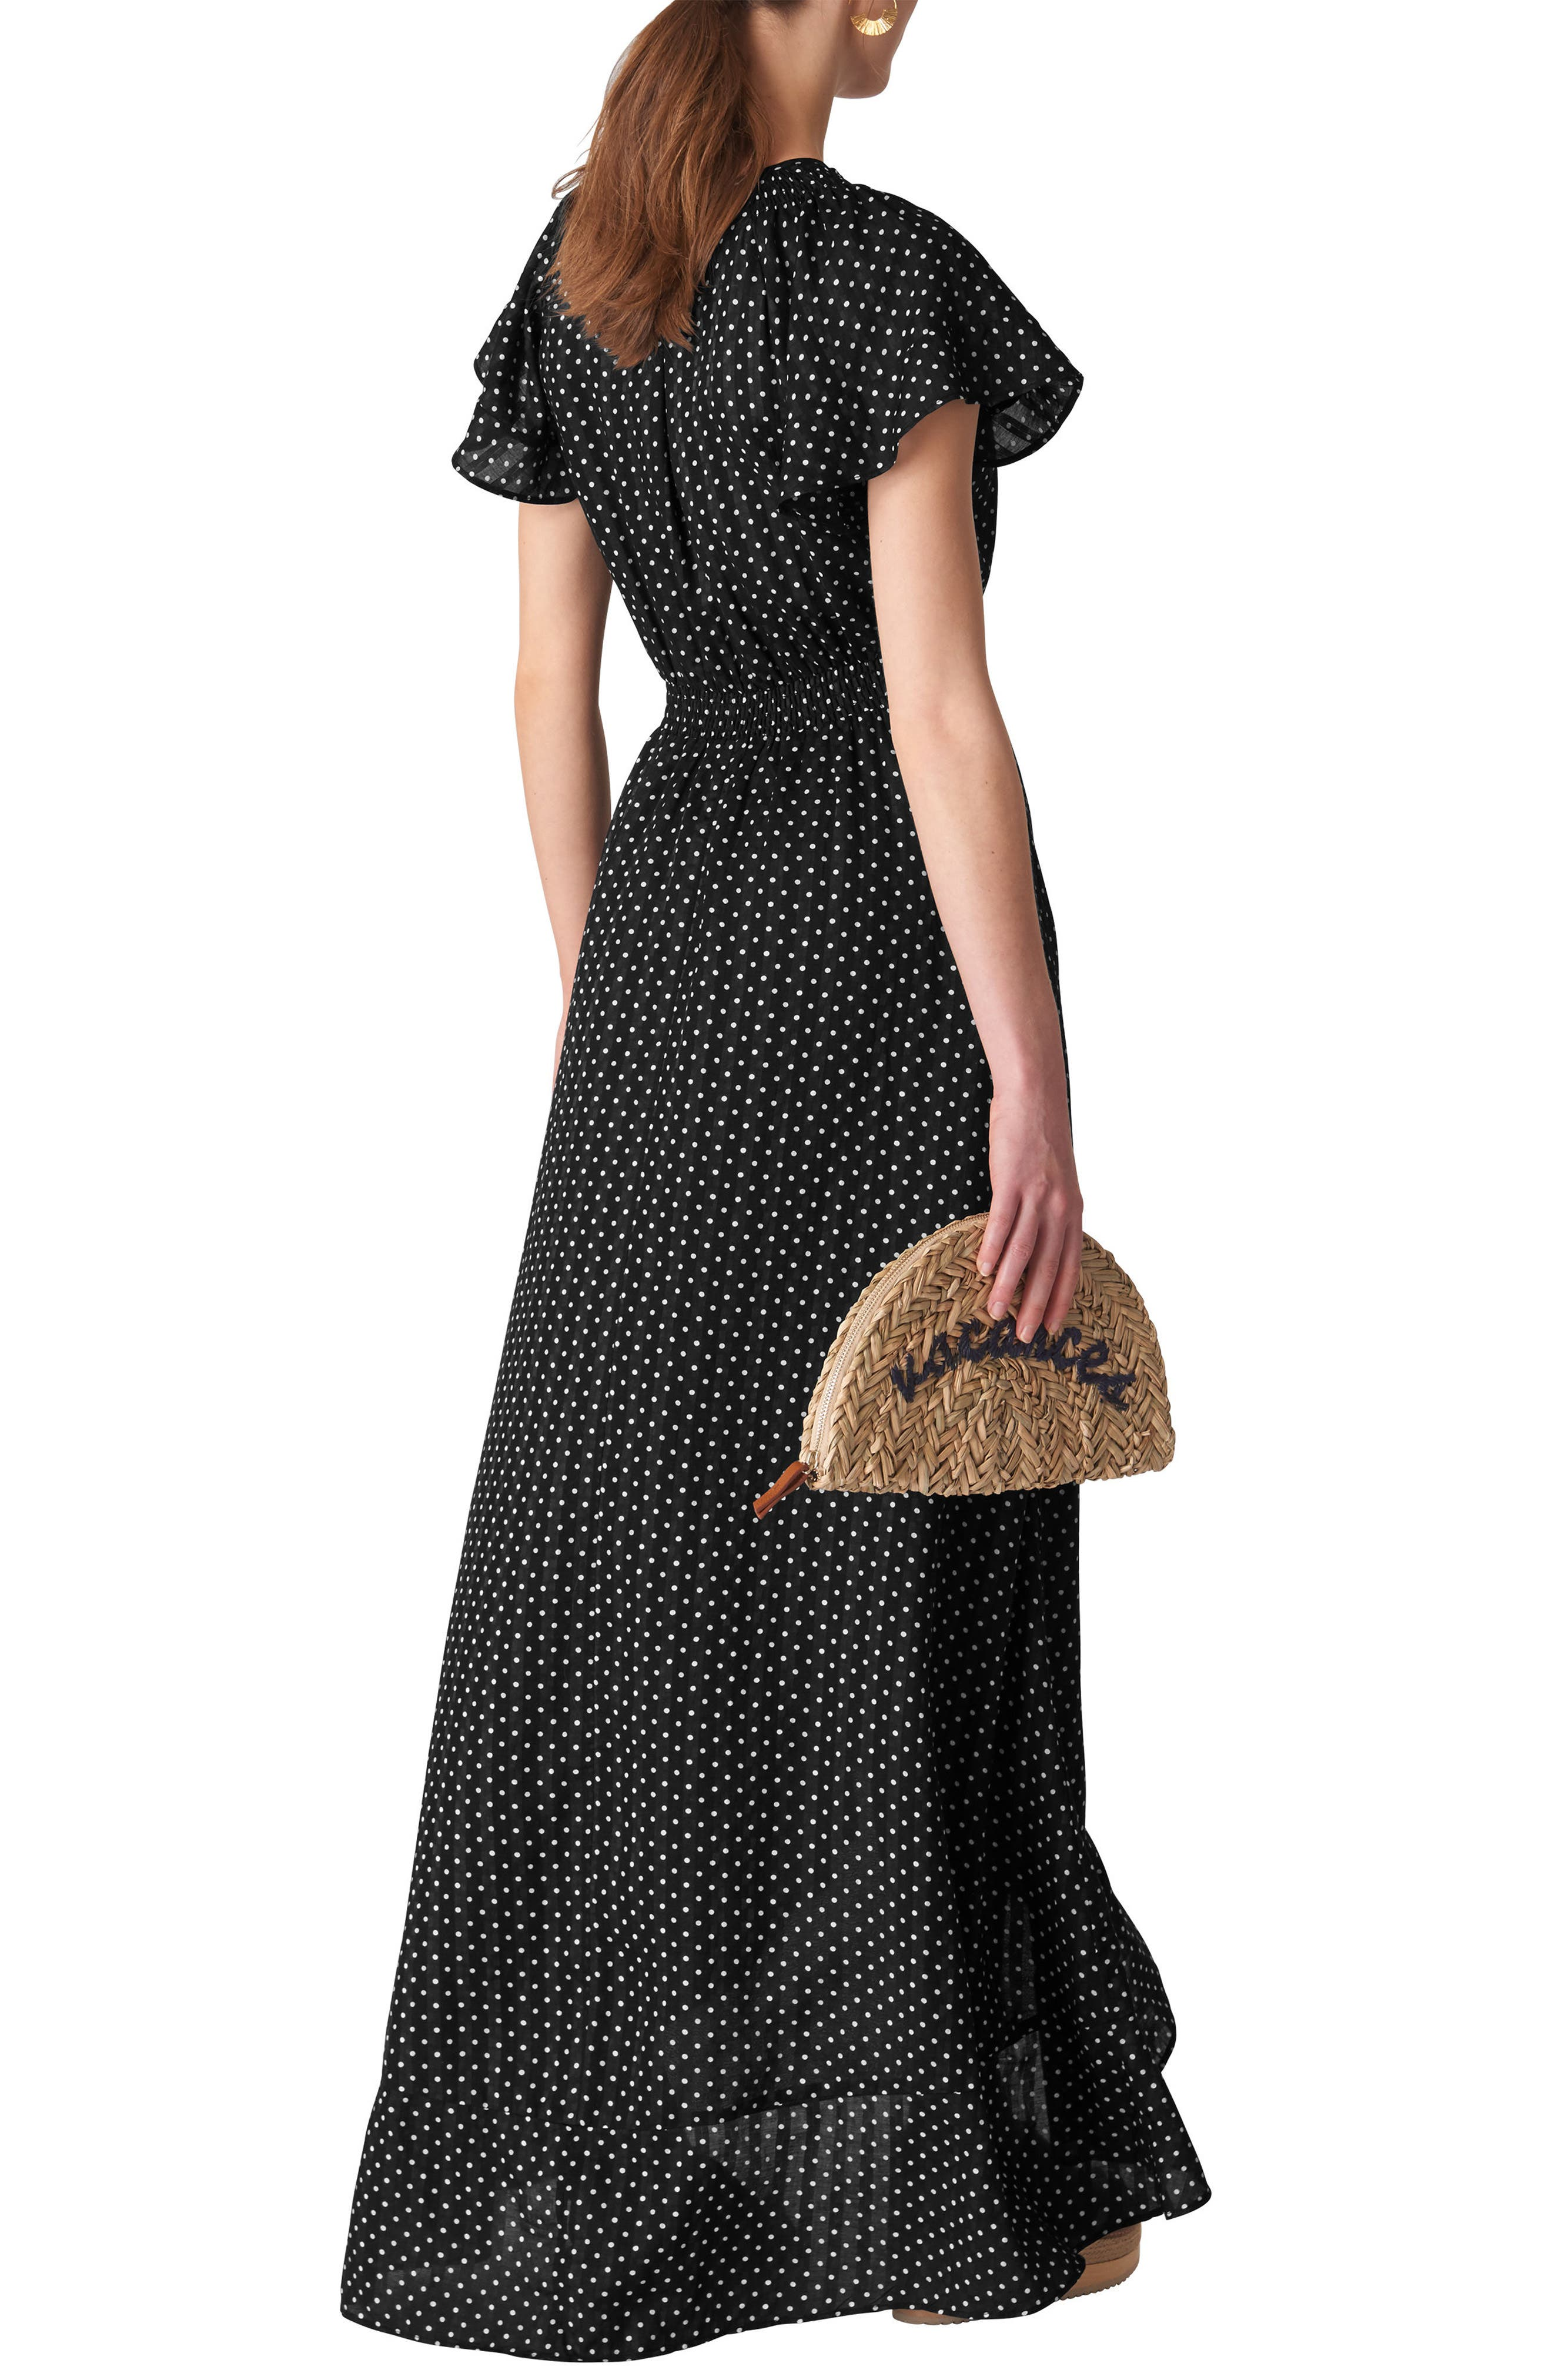 Spot Maxi Wrap Dress,                             Alternate thumbnail 2, color,                             BLACK/ WHITE